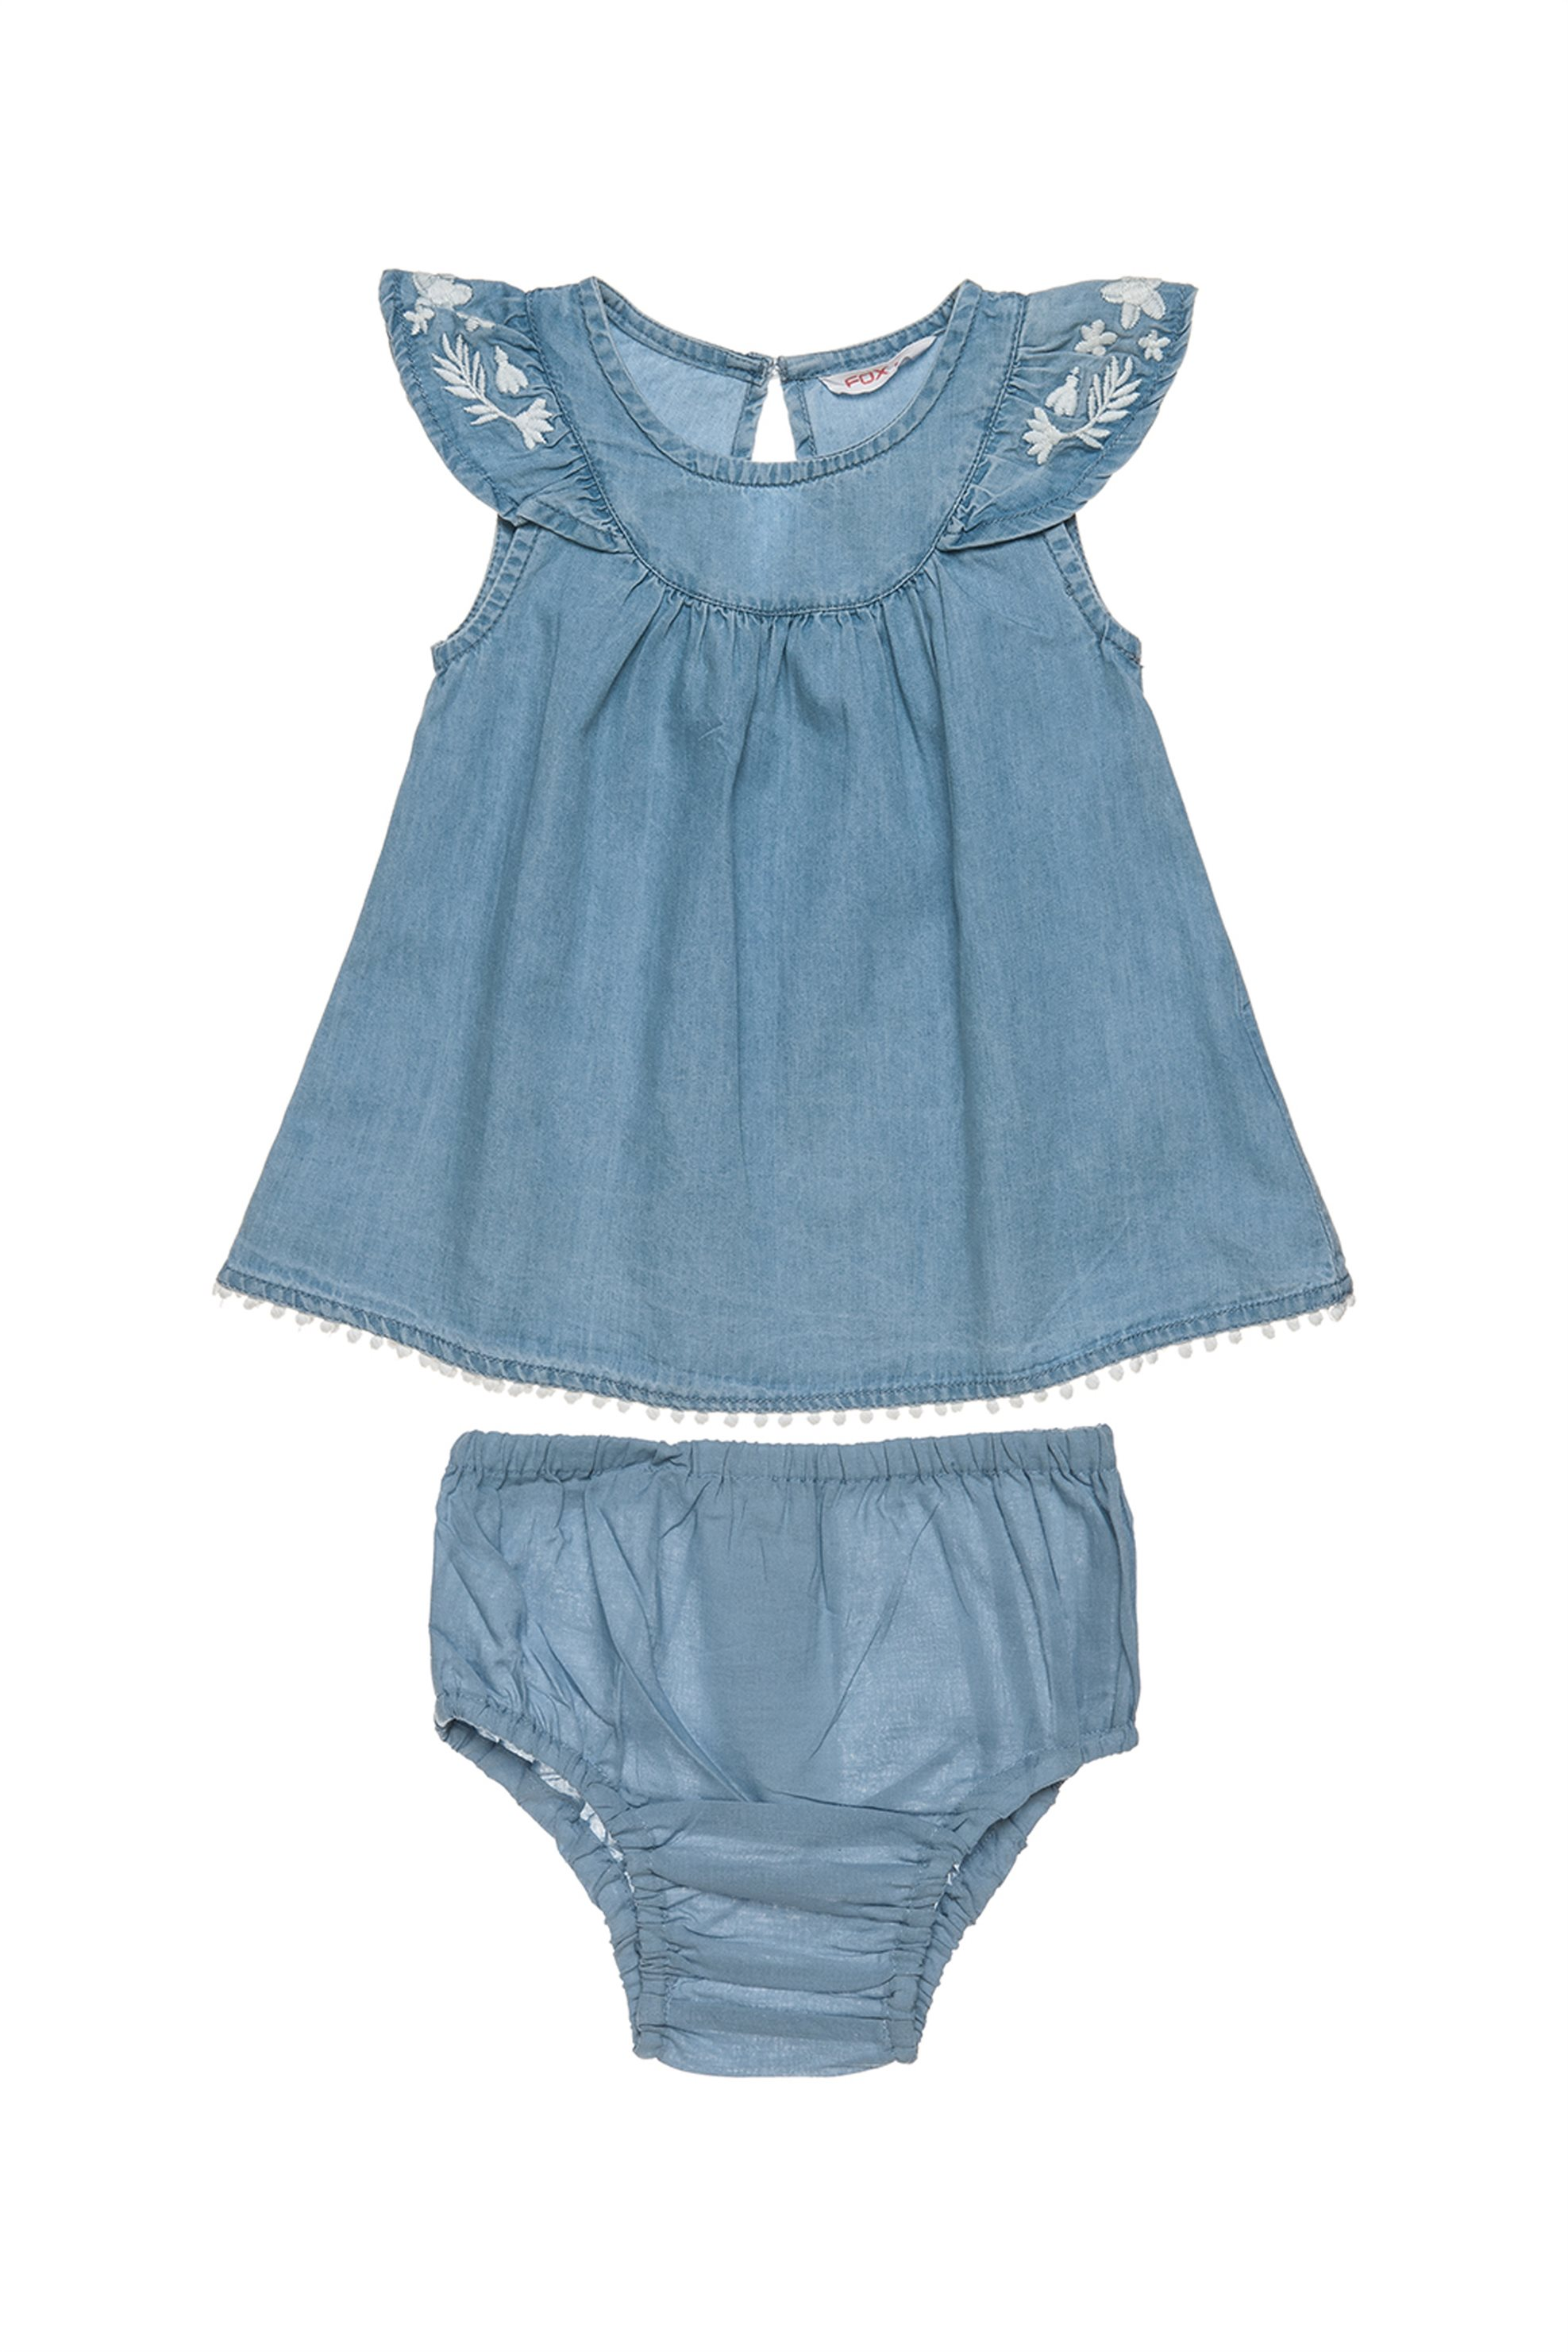 Βρεφικό φόρεμα αμάνικο τζην με κέντημα και ασορτί βρακάκι Alouette - 00241268 -  παιδι   βρεφικα κοριτσι   0 3 ετων   ρούχα   φορέματα   φούστες